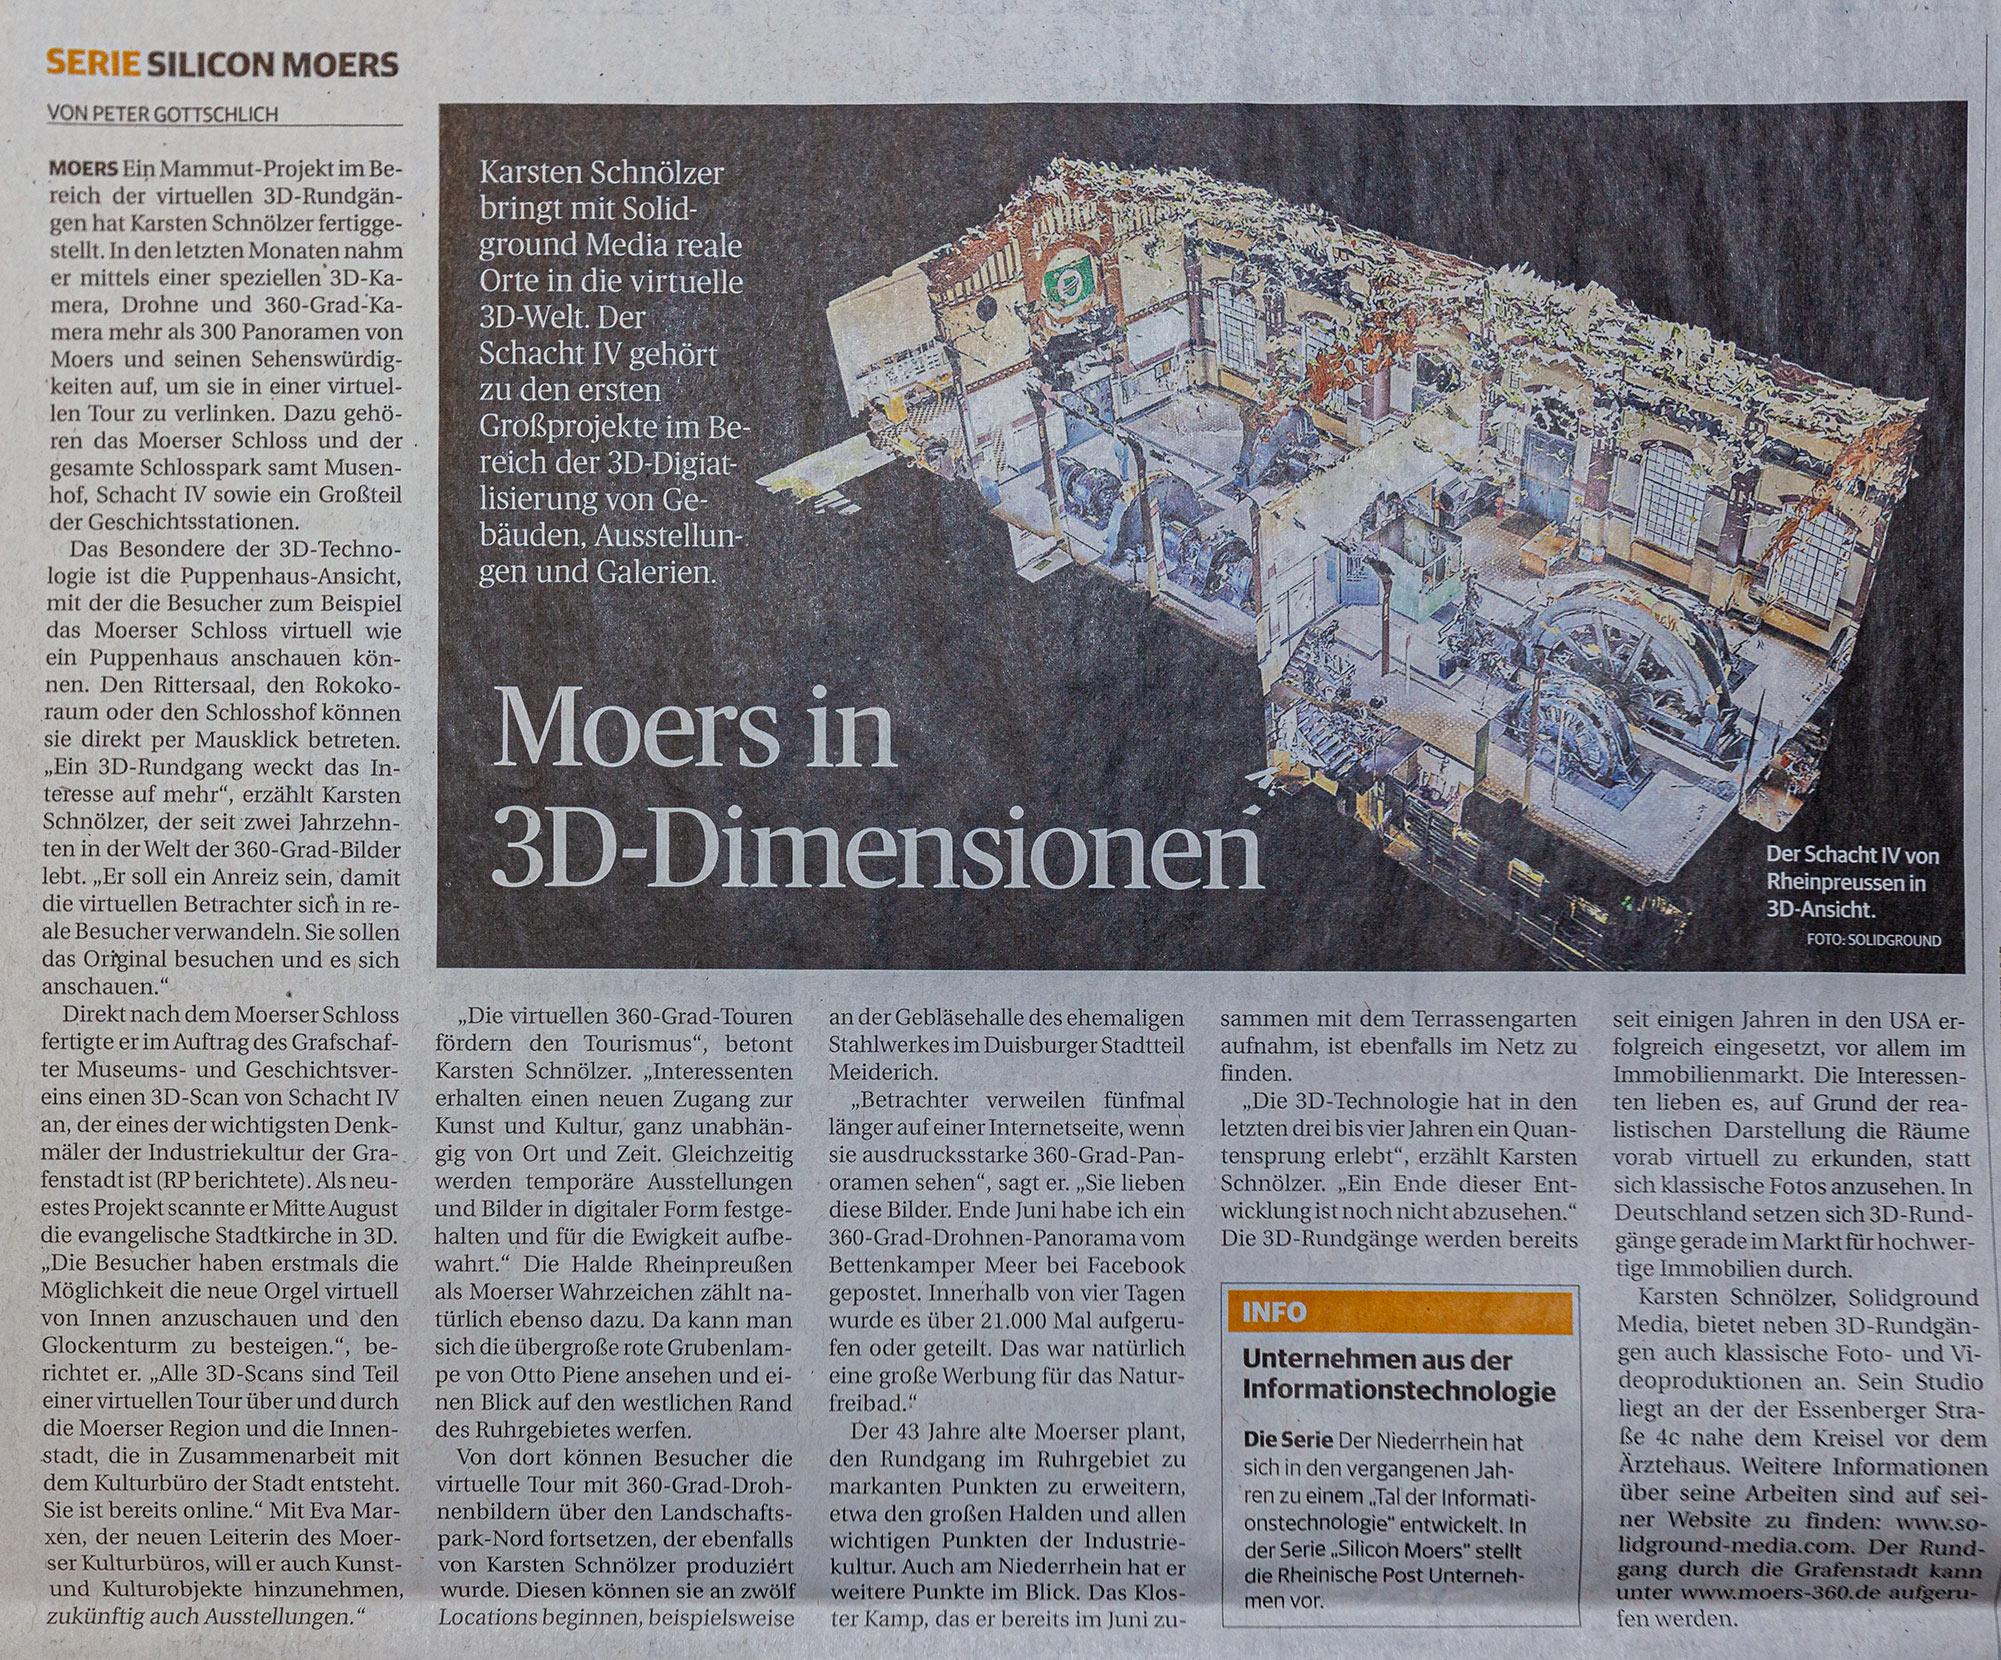 Rheinische Post Silicon Moers Artikel